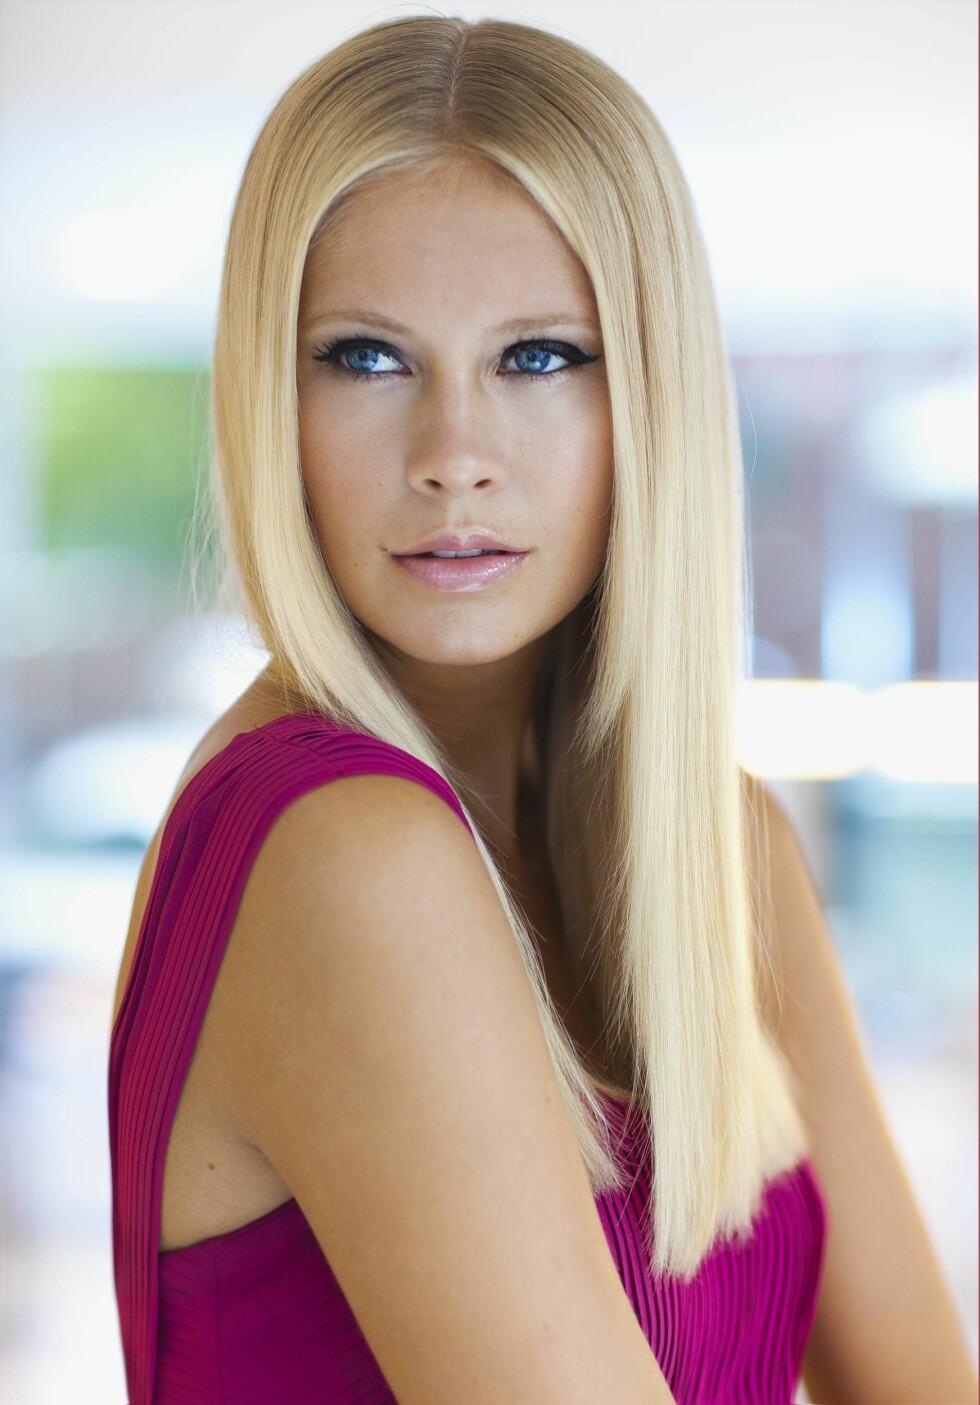 LEKKERT: Glatt hår er både klassisk og vakkert, og du trenger slettes (sic!) ikke å bruke rettetang for å få det til. En føner holder lenge! Foto: Astrid Waller